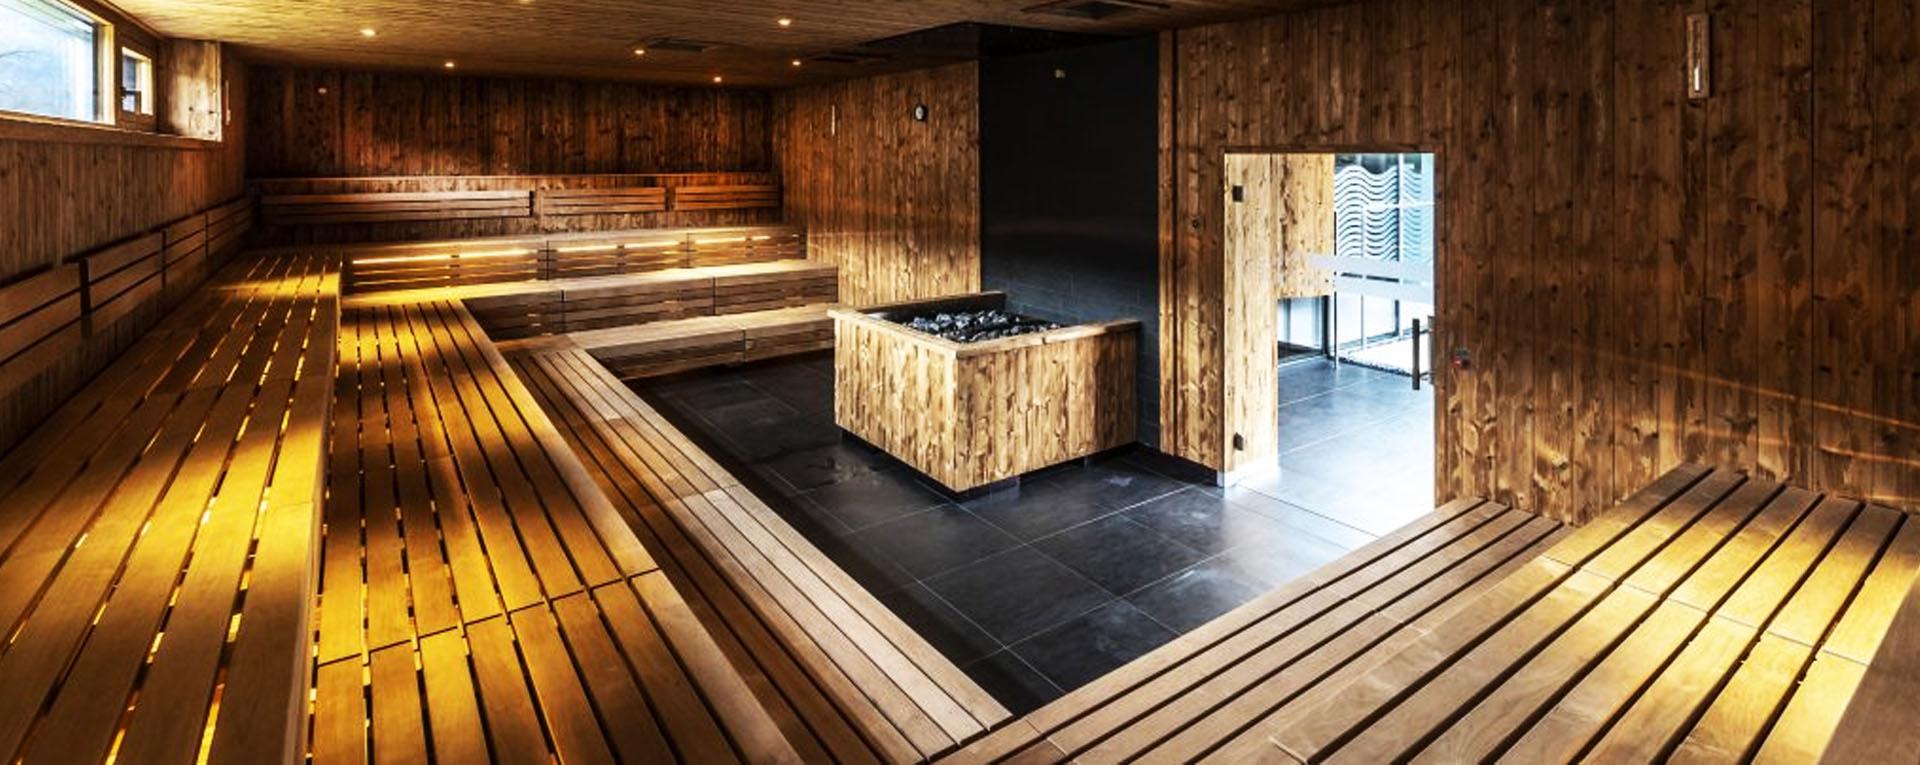 sauna - Termal & Spa